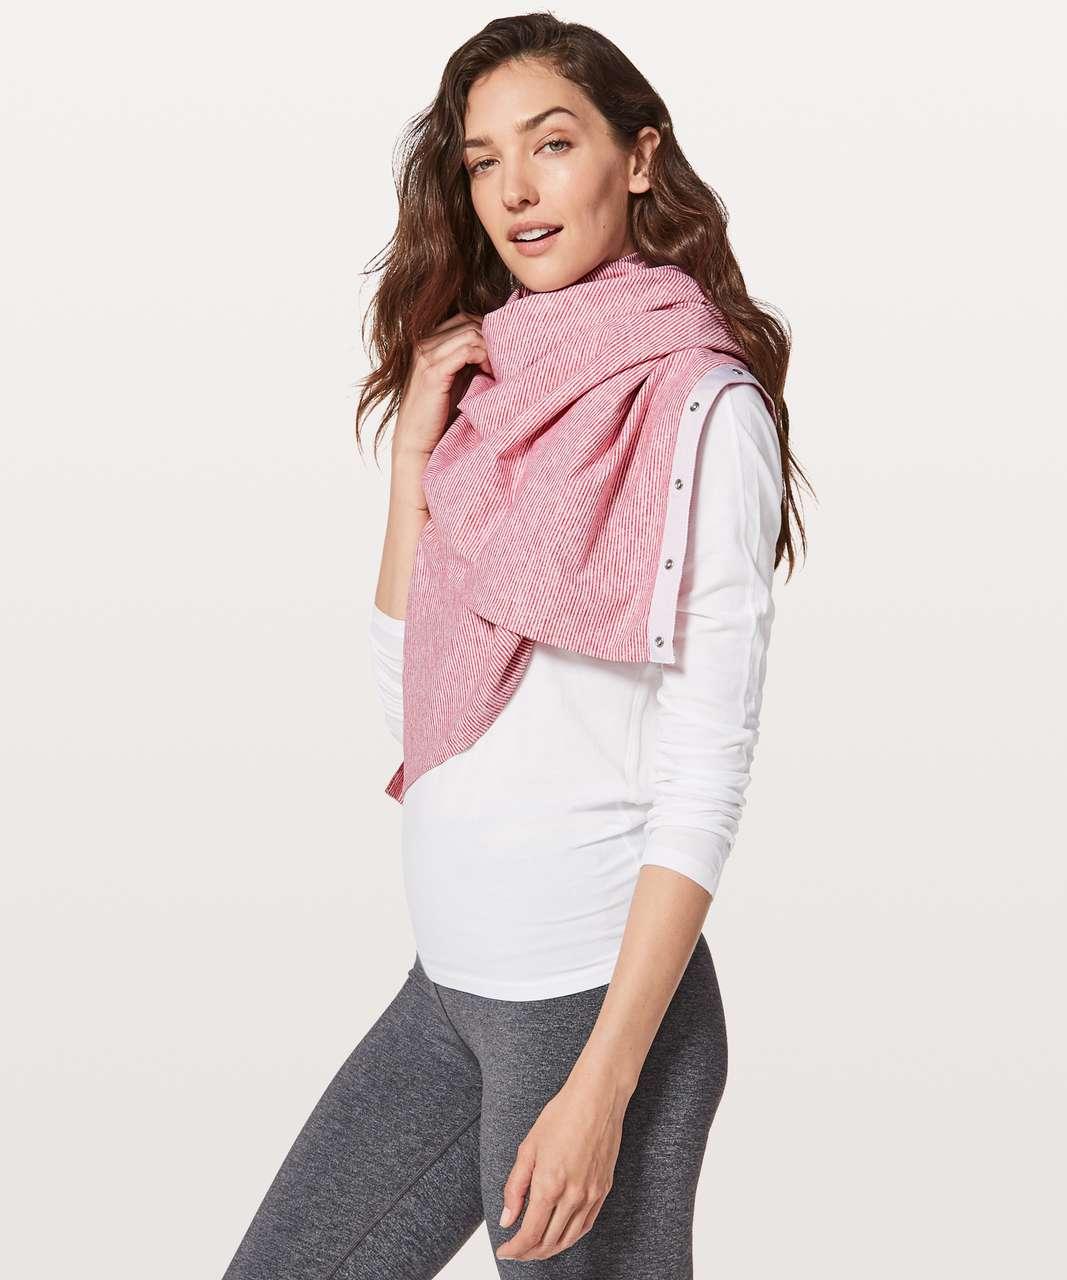 Lululemon Vinyasa Scarf *Rulu - Tonka Stripe Heathered Vintage Rose White